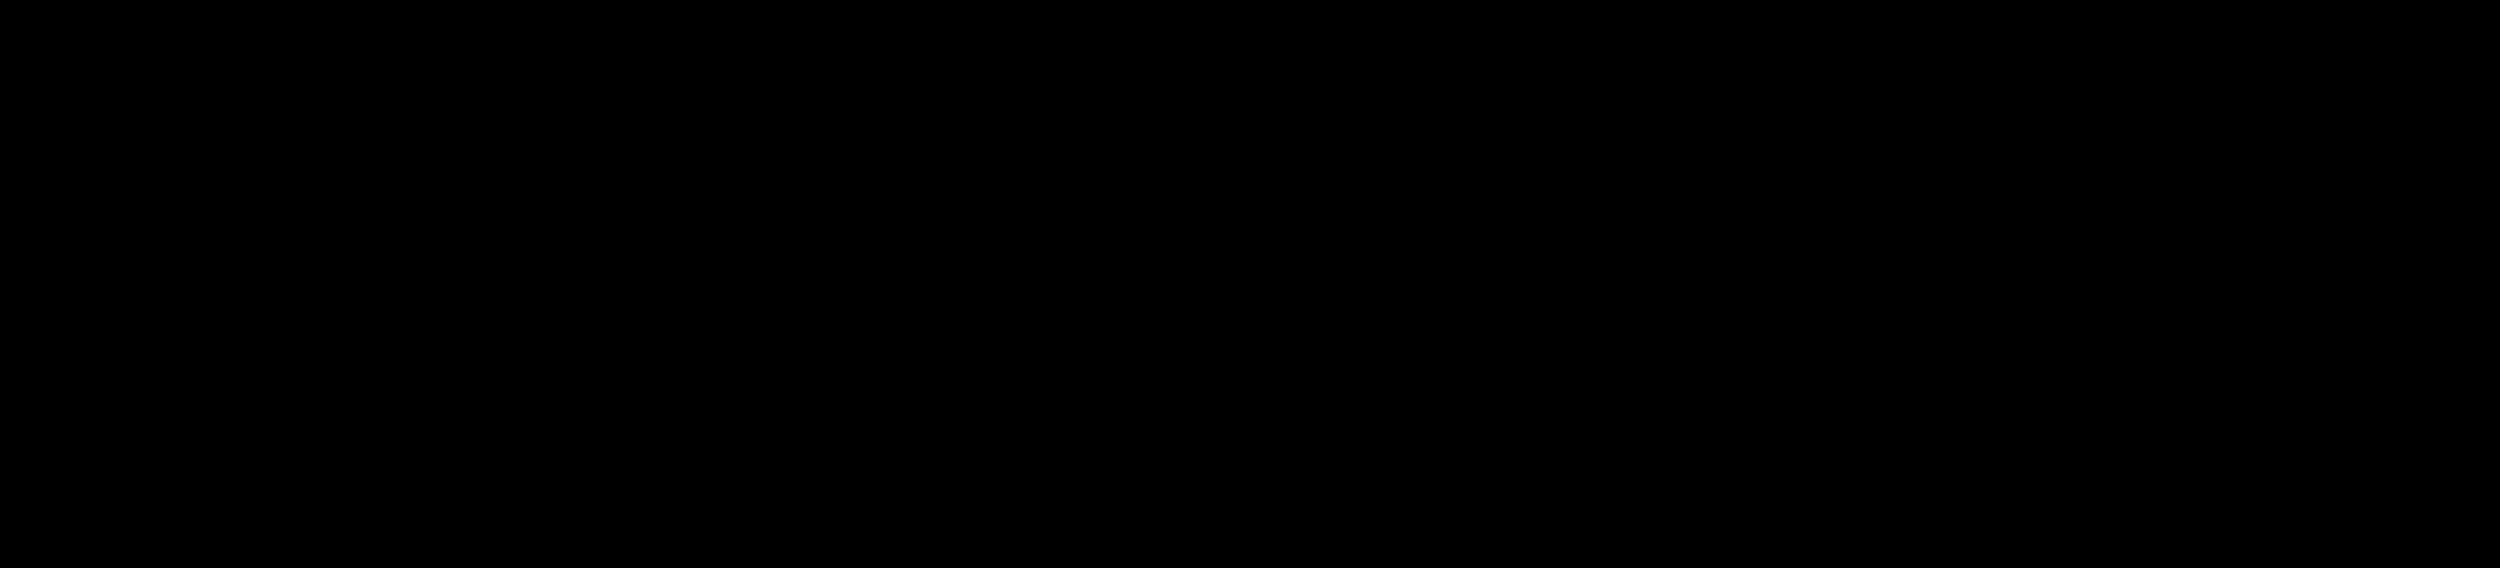 DESIGNER DATABASE-logo-black (3).png